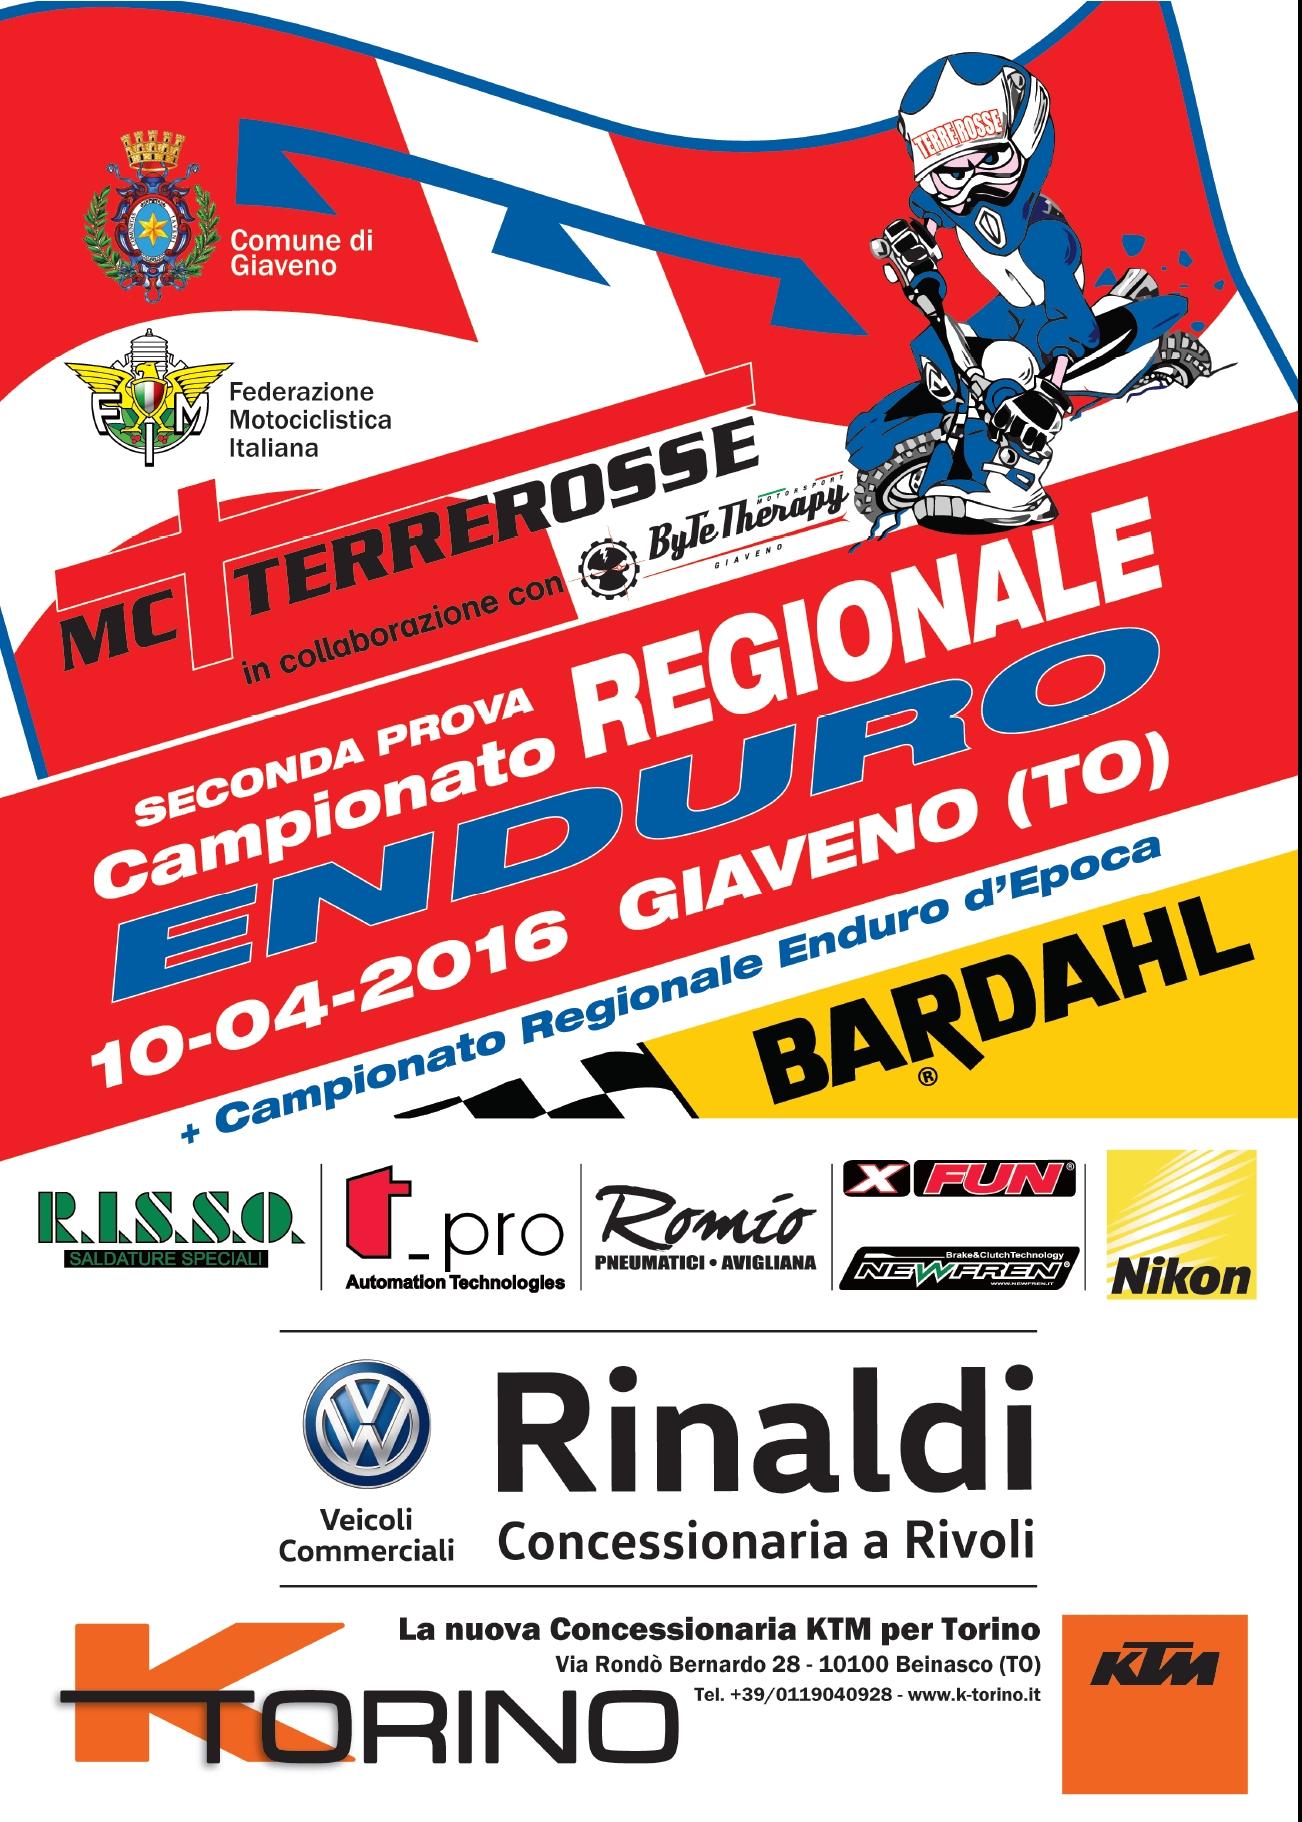 Giaveno, seconda prova del Campionato regionale di Enduro  – domenica 10 aprile 2016